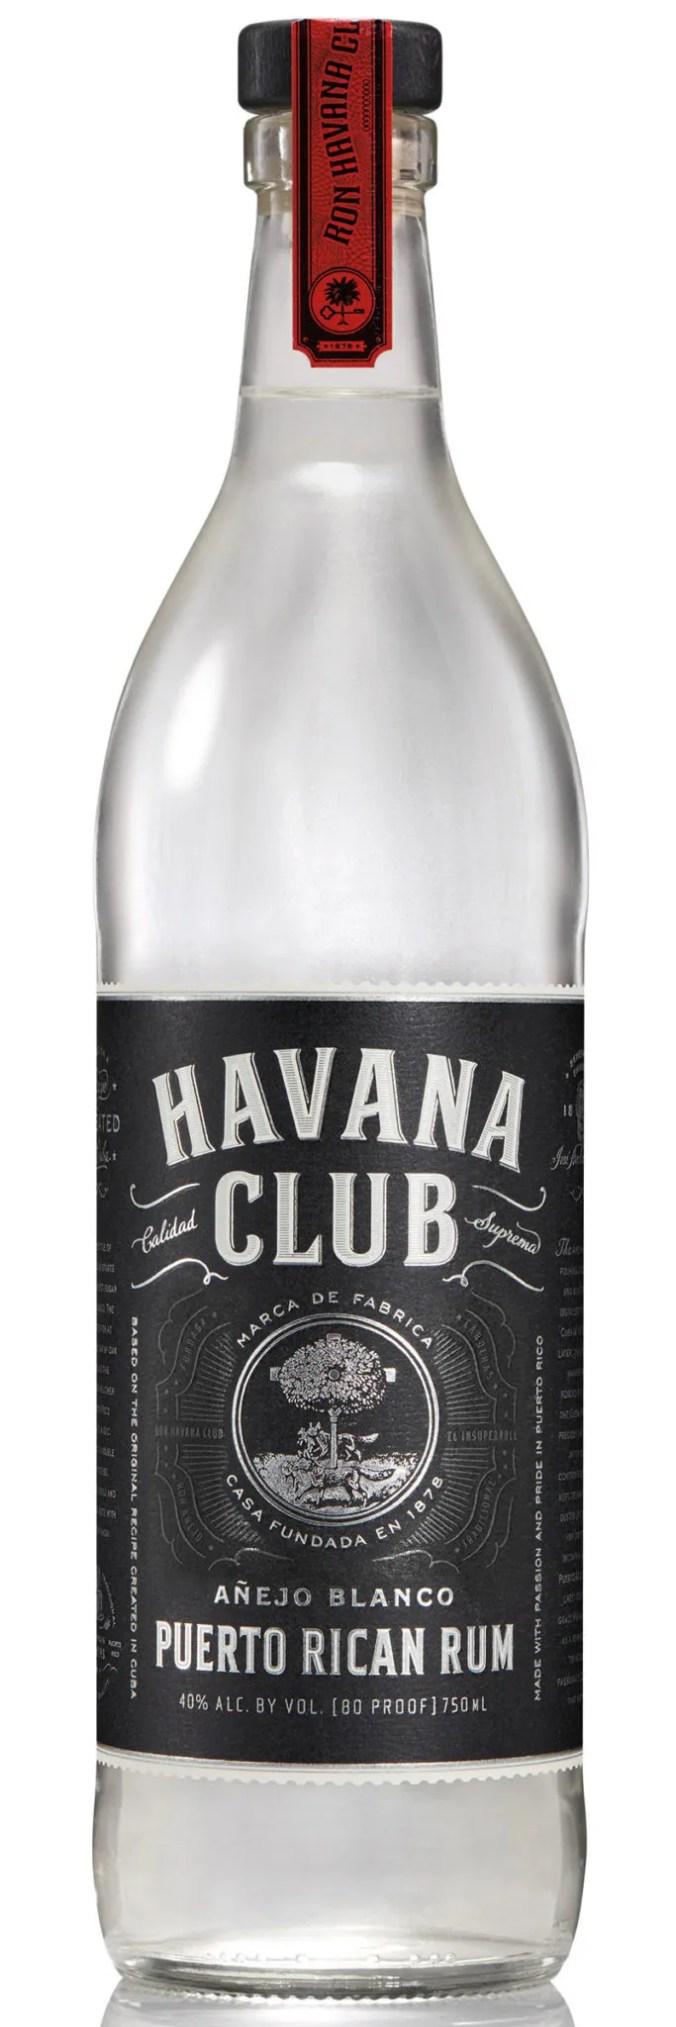 Bacardi produces Havana Club Blanco in Puerto Rico